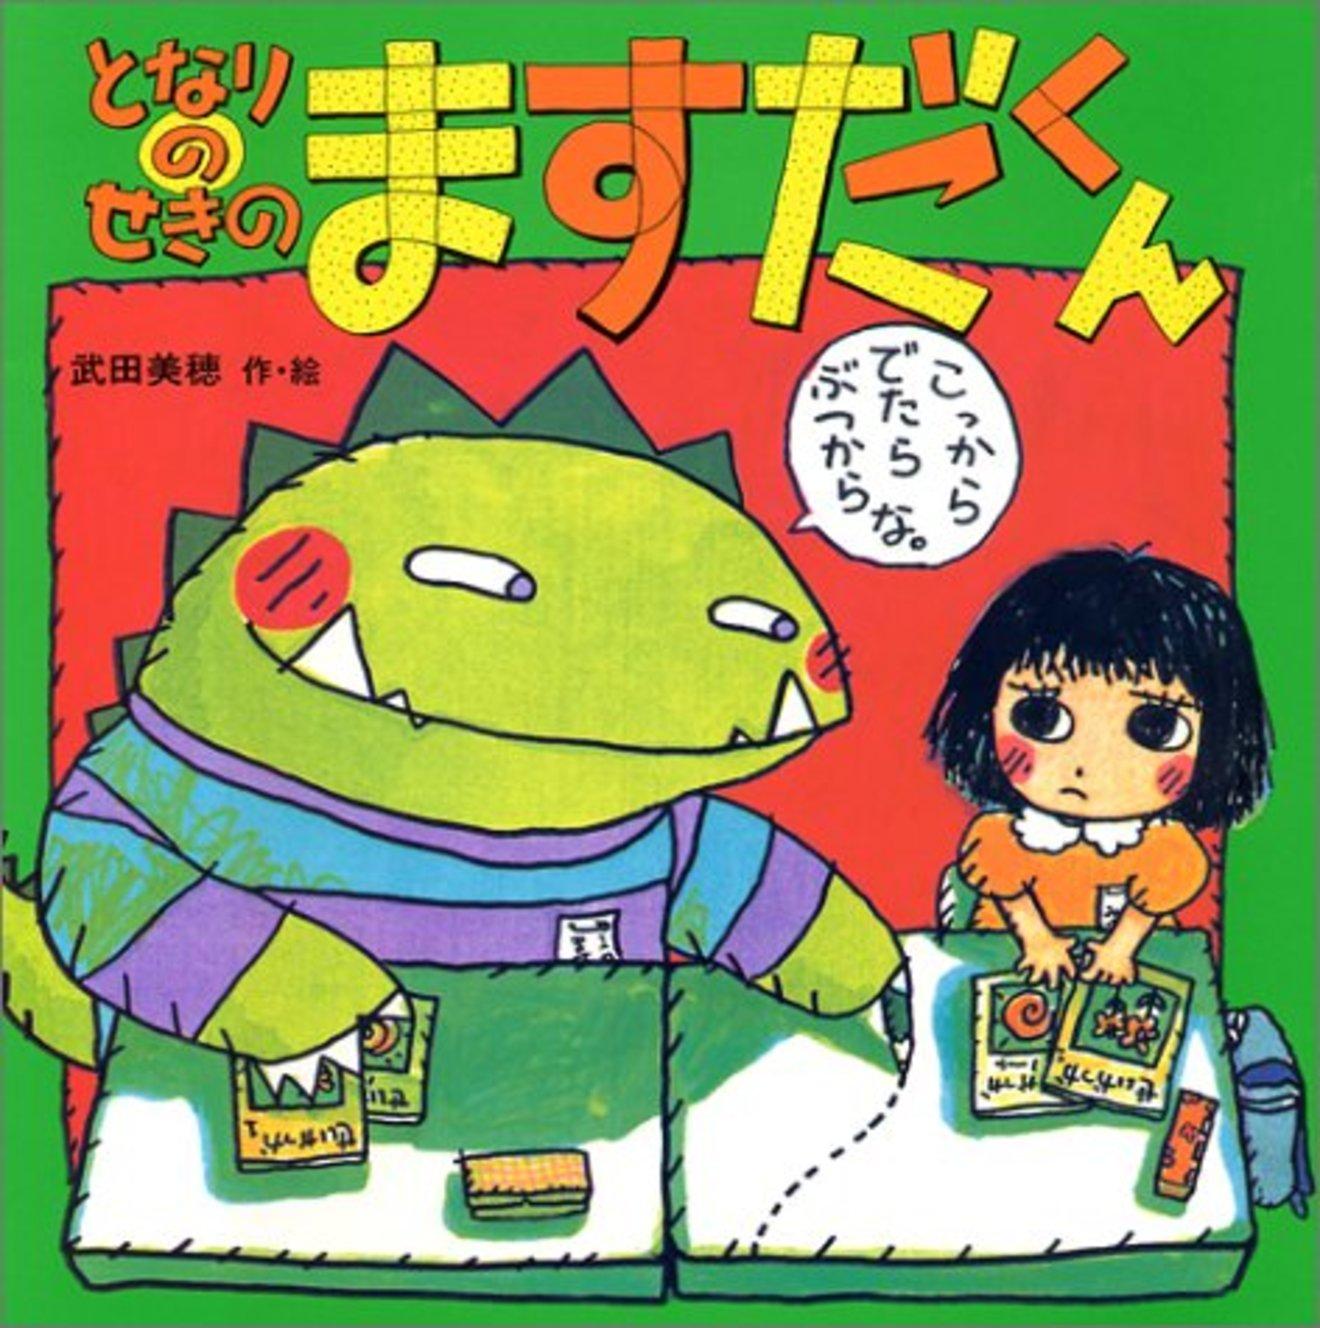 武田美穂のおすすめ絵本5選!明るくて元気なストーリーが魅力